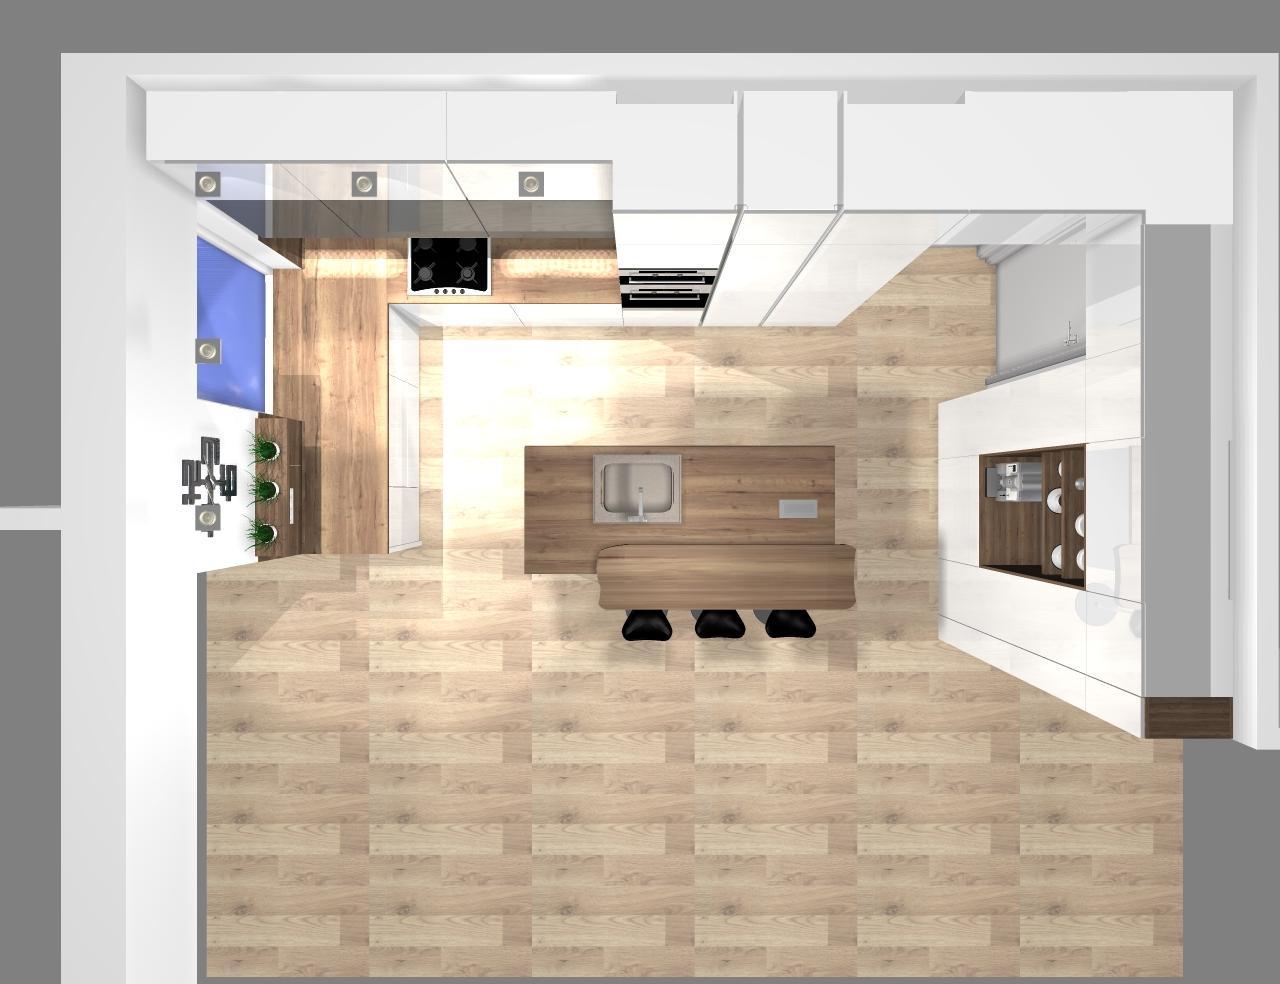 Grafické návrhy kuchynských liniek 2020 - návrh kuchynskej linky do rodinného domu -verzia 1 - obr.9